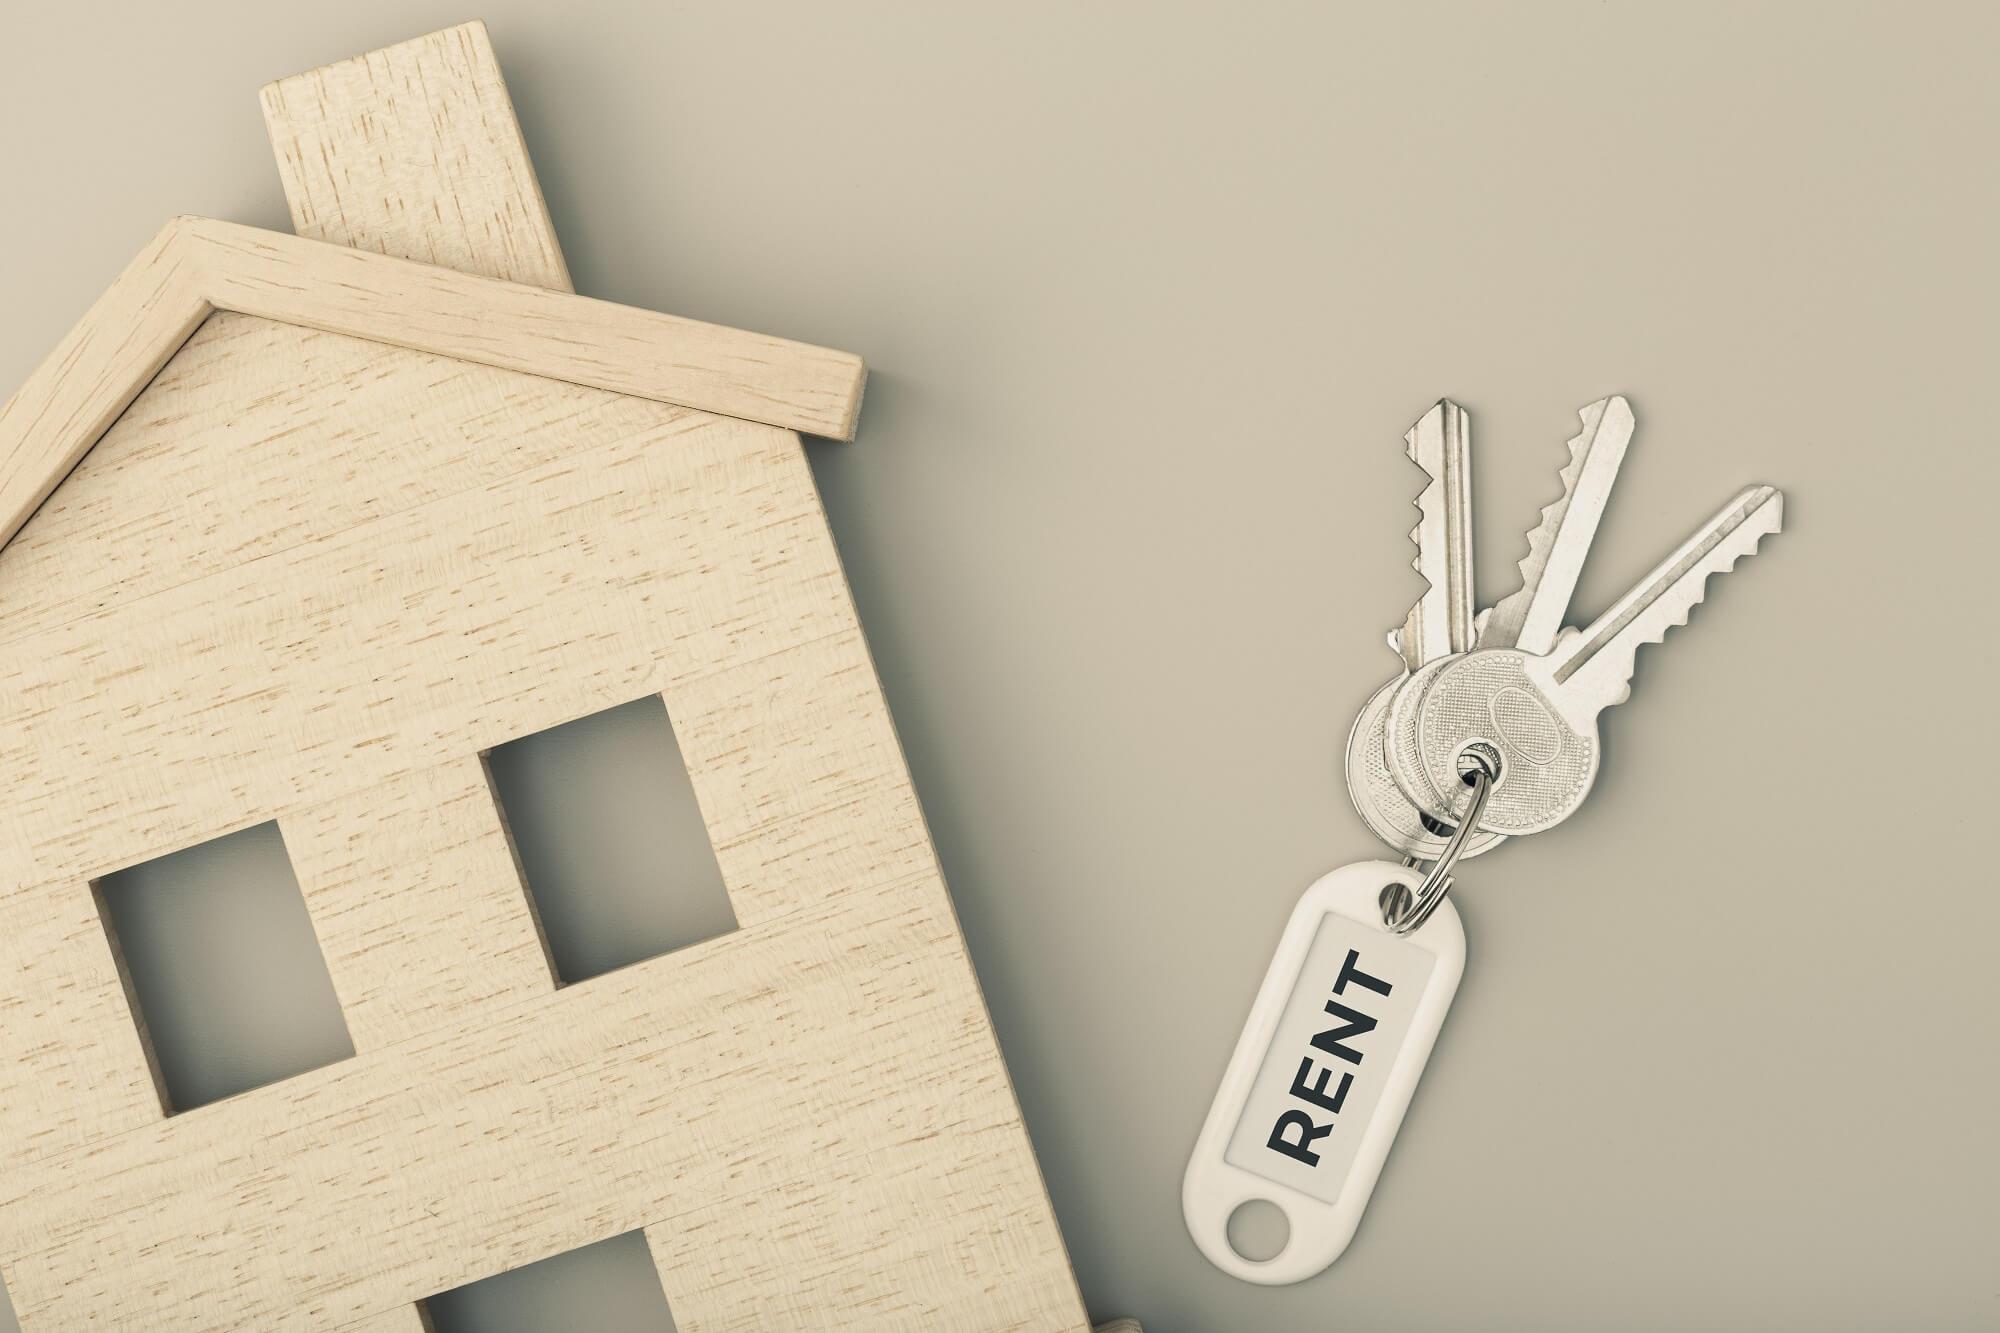 أفضل وقت لاستئجار شقة: العثور على أفضل الصفقات